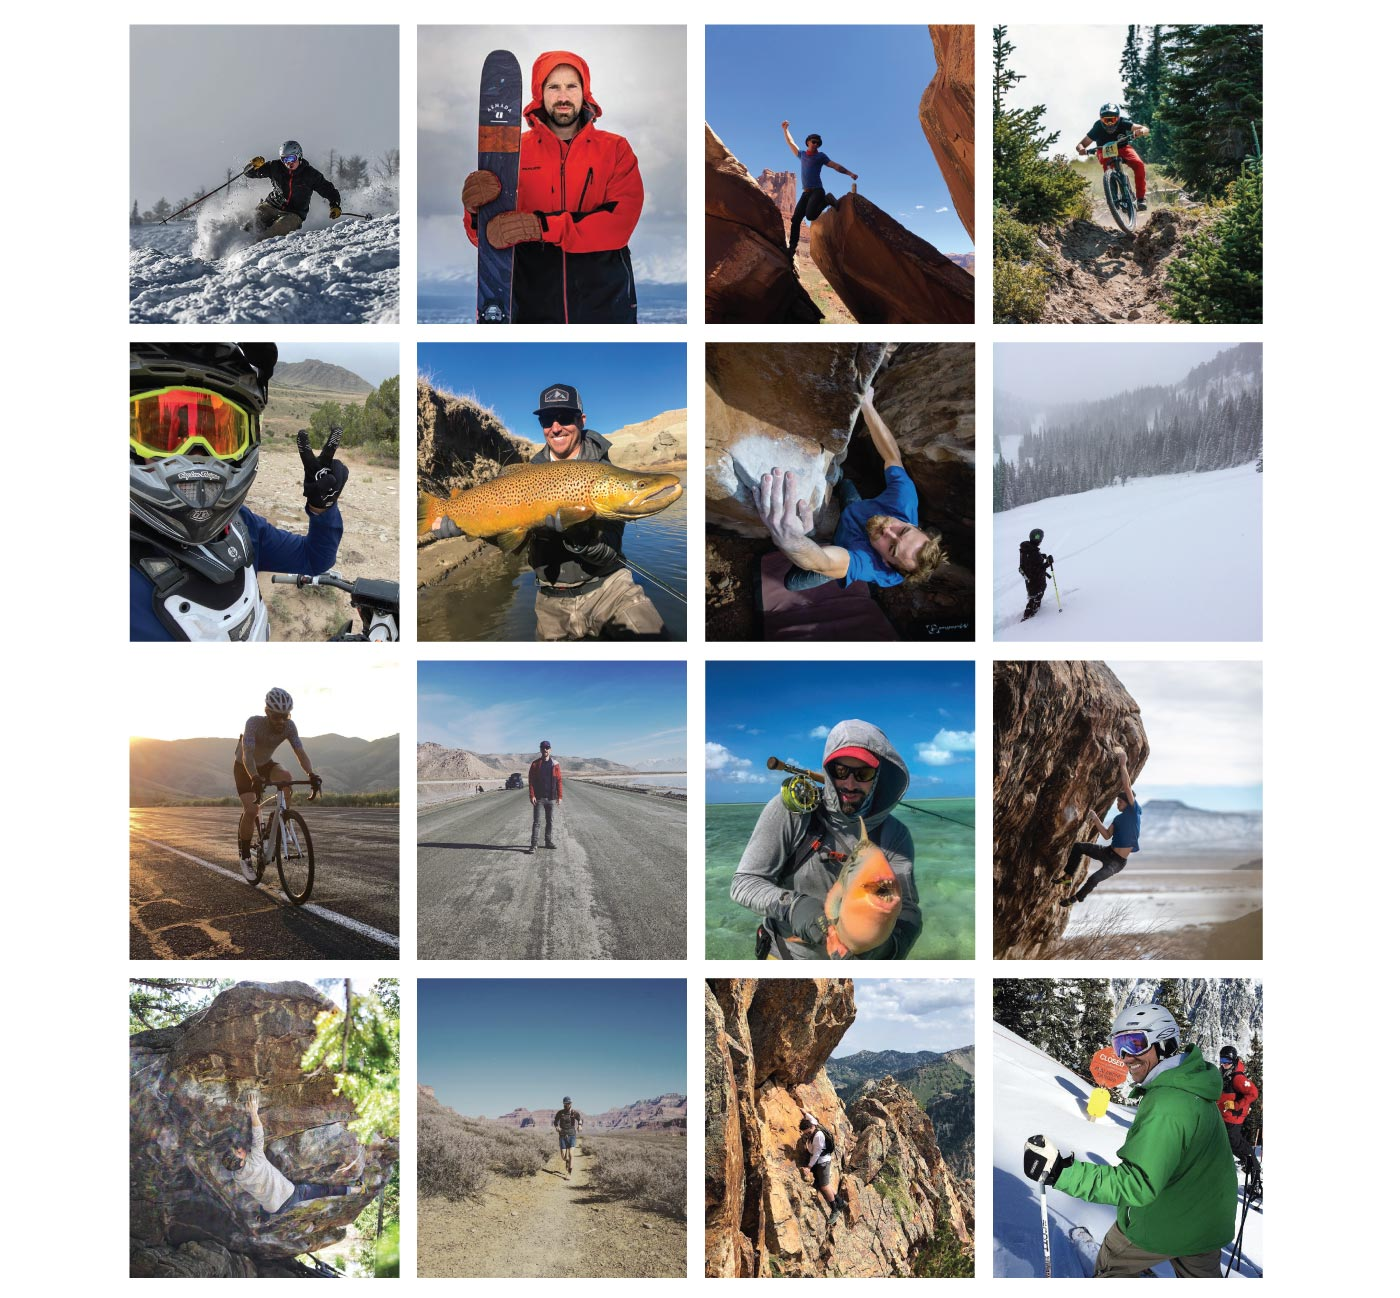 about-us-images-v1r0-1-.jpg